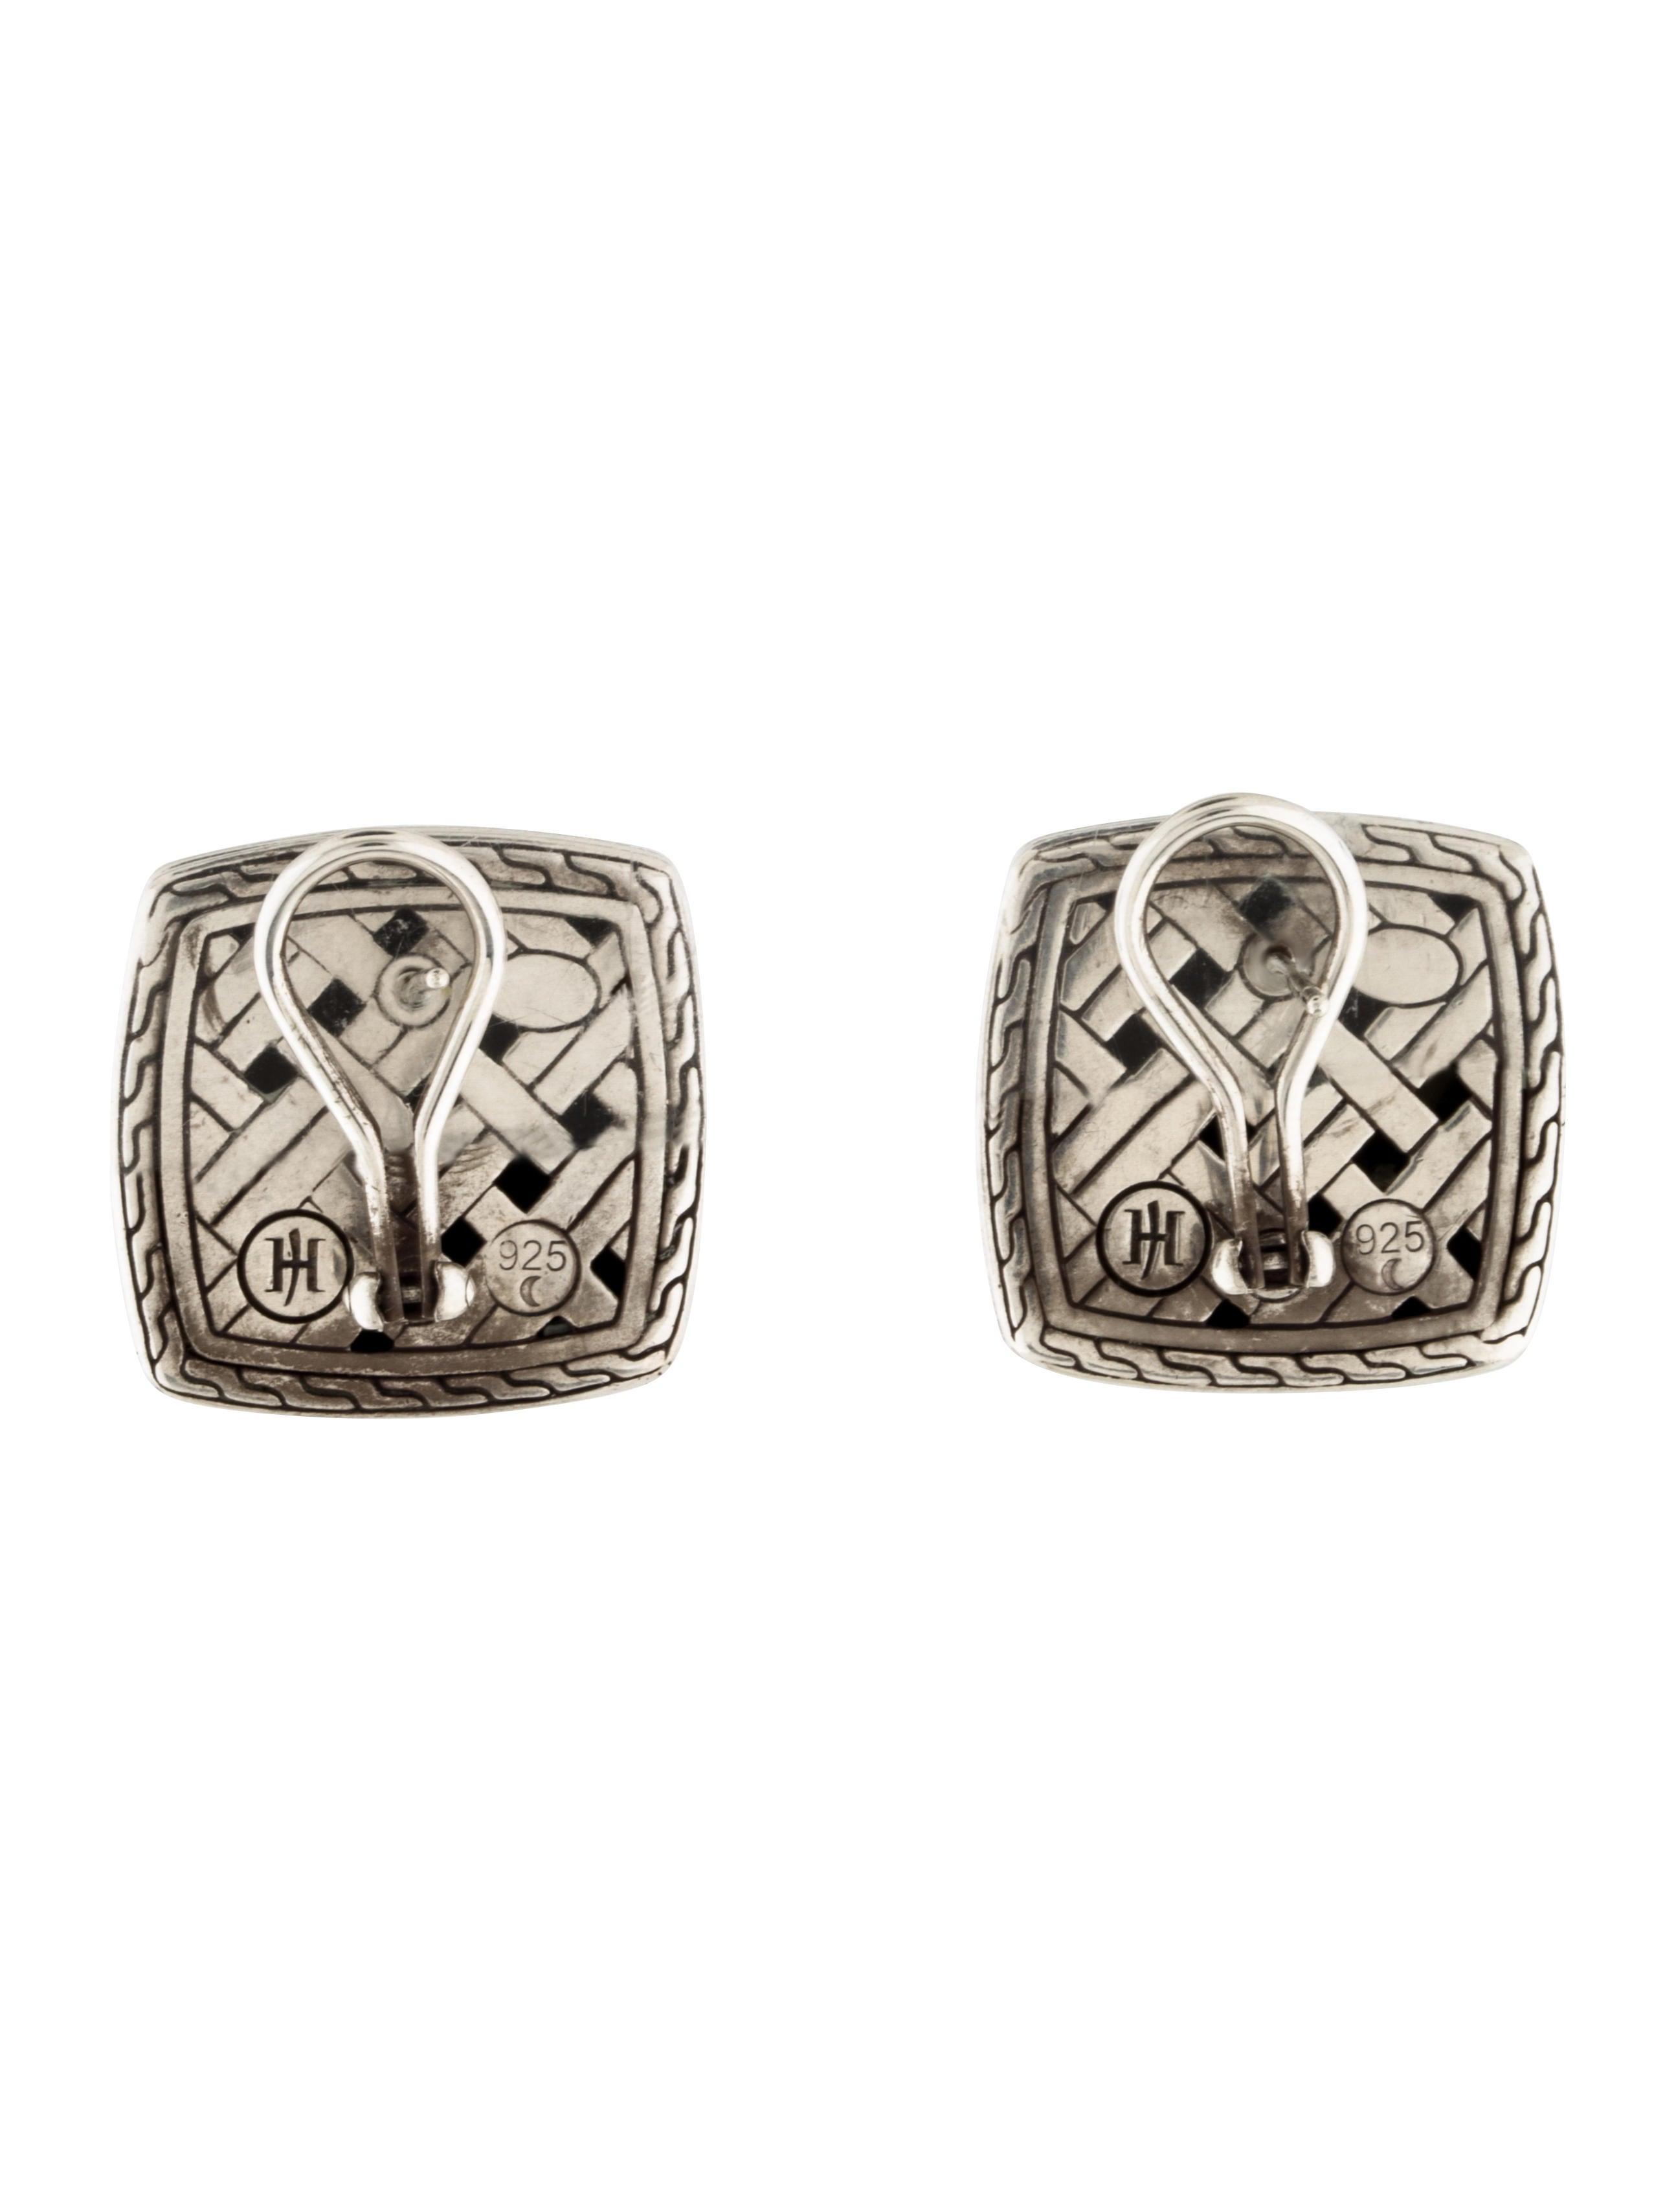 John hardy square earrings earrings jha26622 the for John hardy jewelry earrings